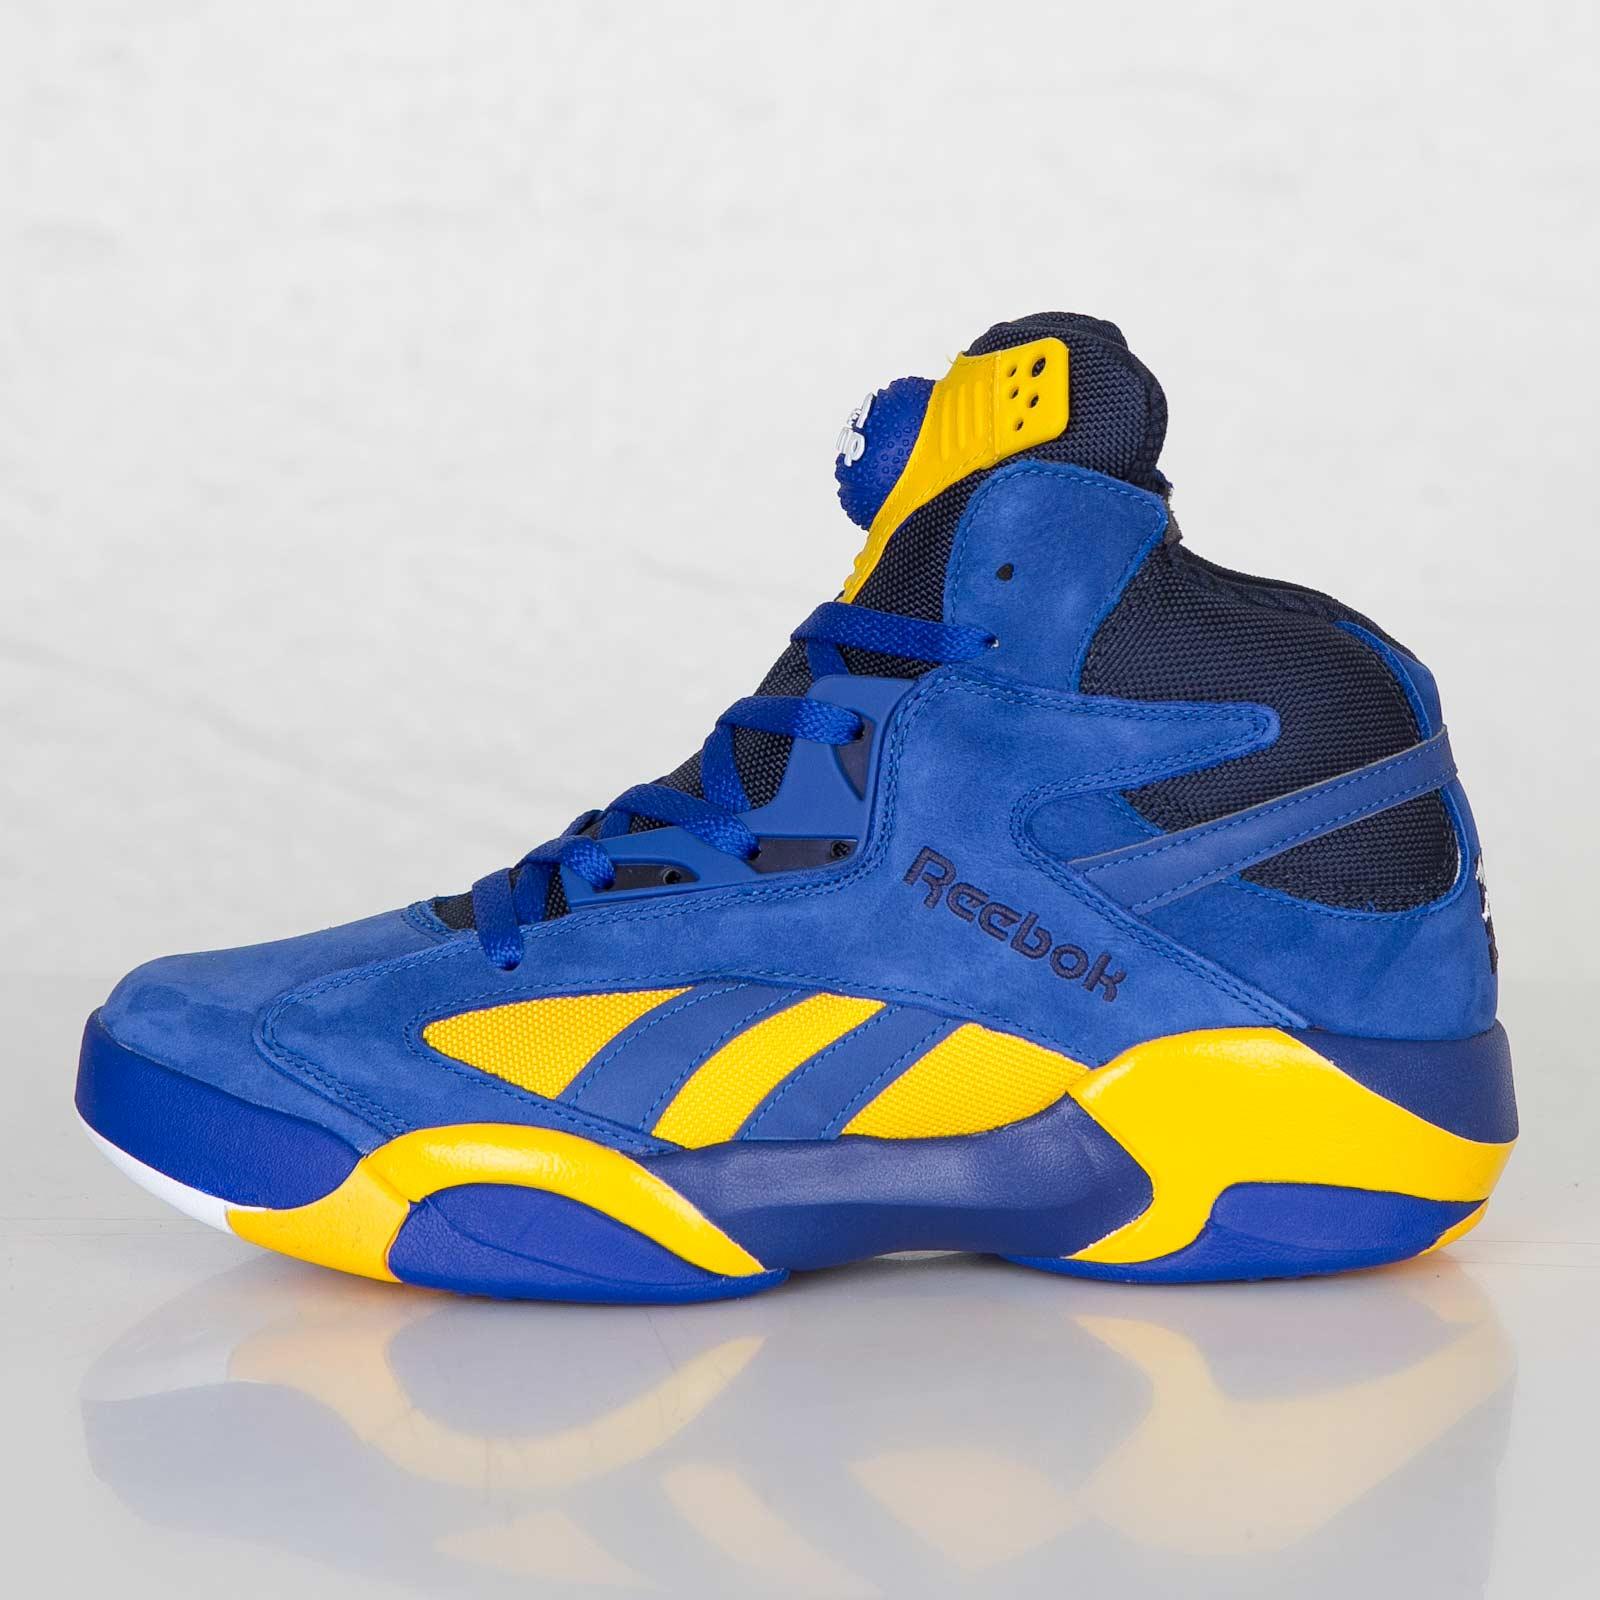 8c1a6a76c88a90 Reebok Shaq Attaq - V61571 - Sneakersnstuff